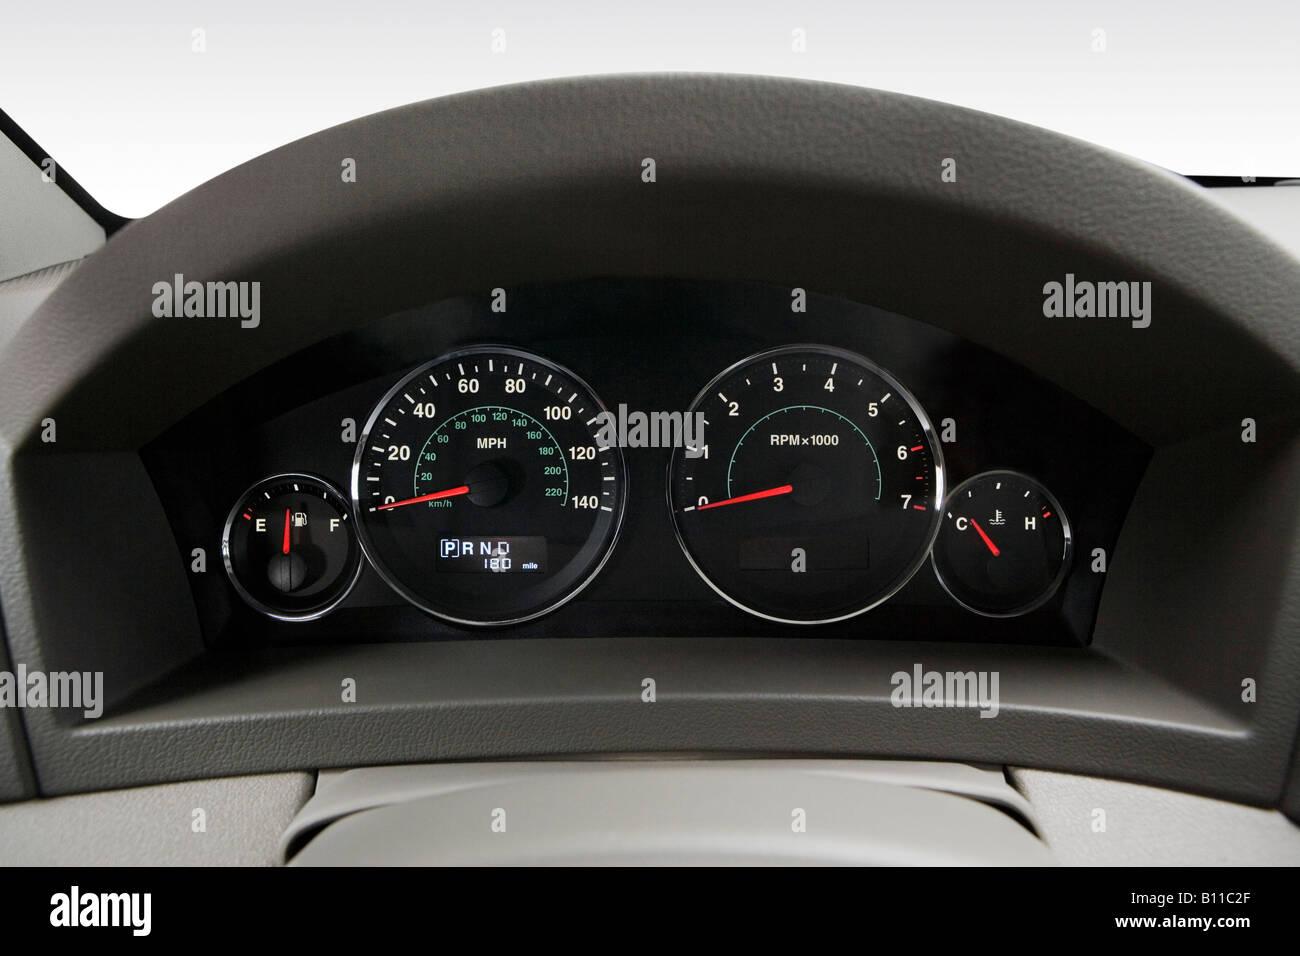 2008 Jeep Grand Cherokee Laredo in Gray - Speedometer/tachometer